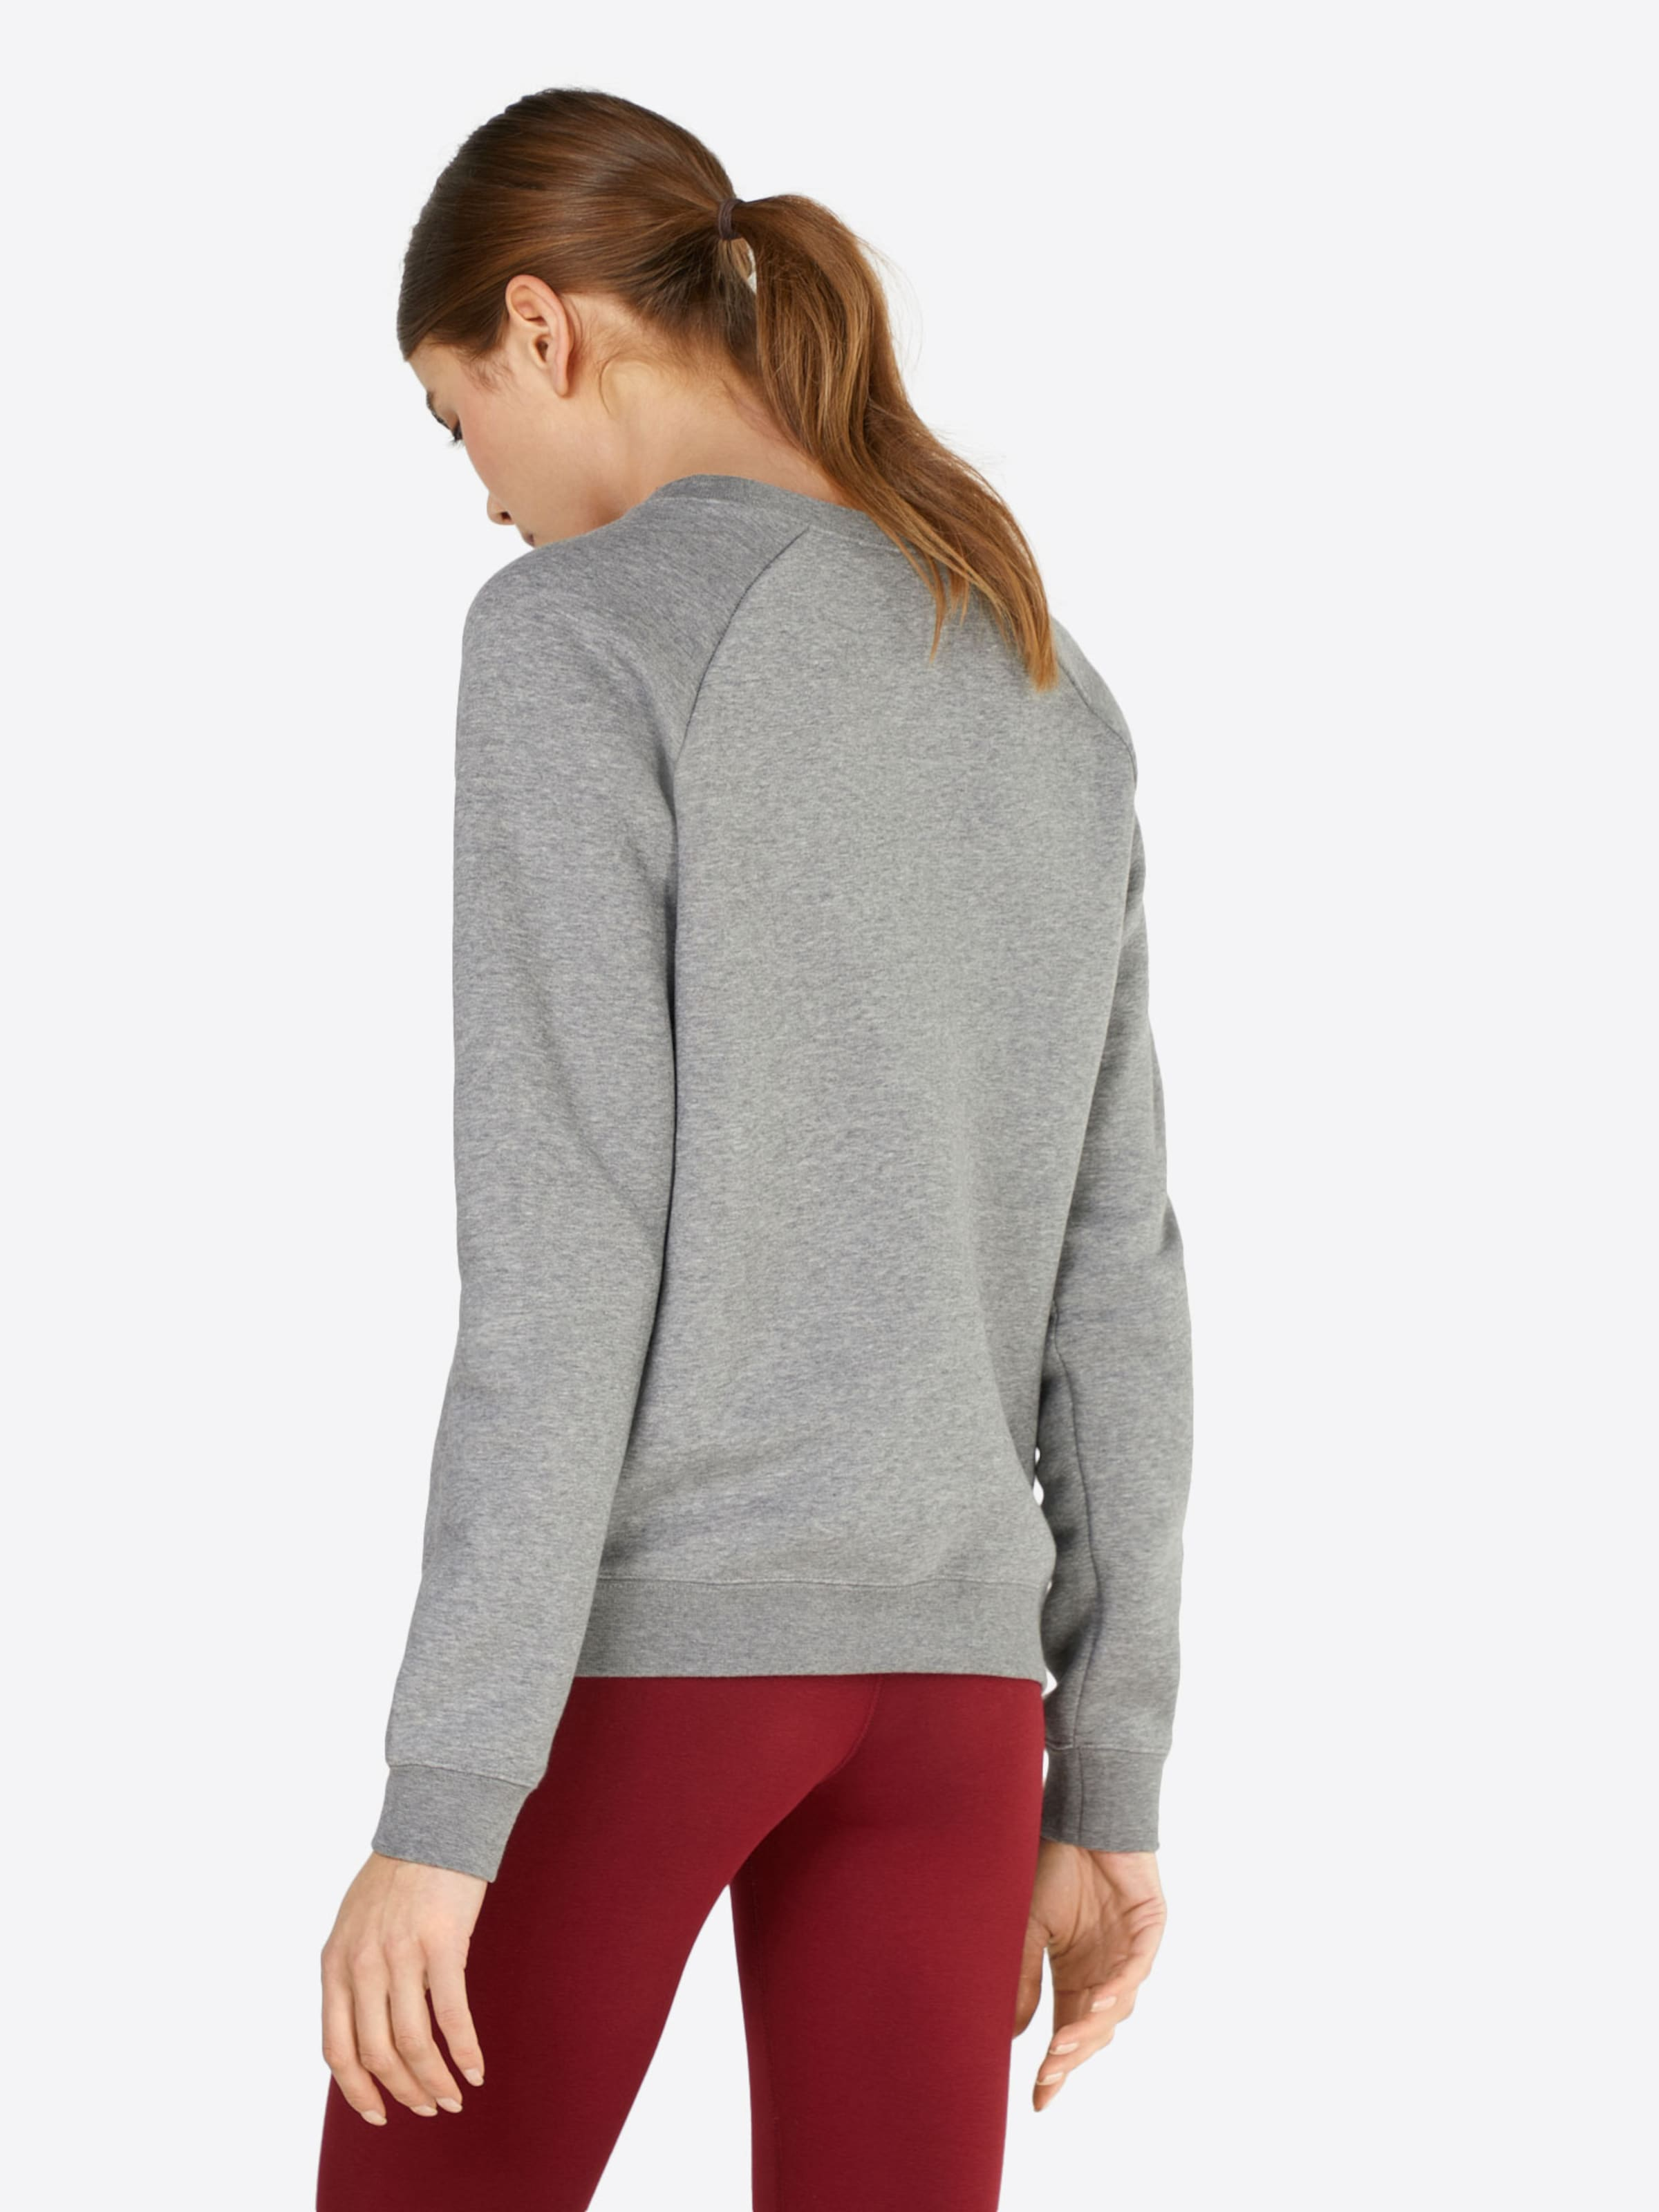 Billig Rabatt Verkauf Nike Sportswear Sweater 'RALLY' Billig Verkauf Veröffentlichungstermine PUtzyac1aq